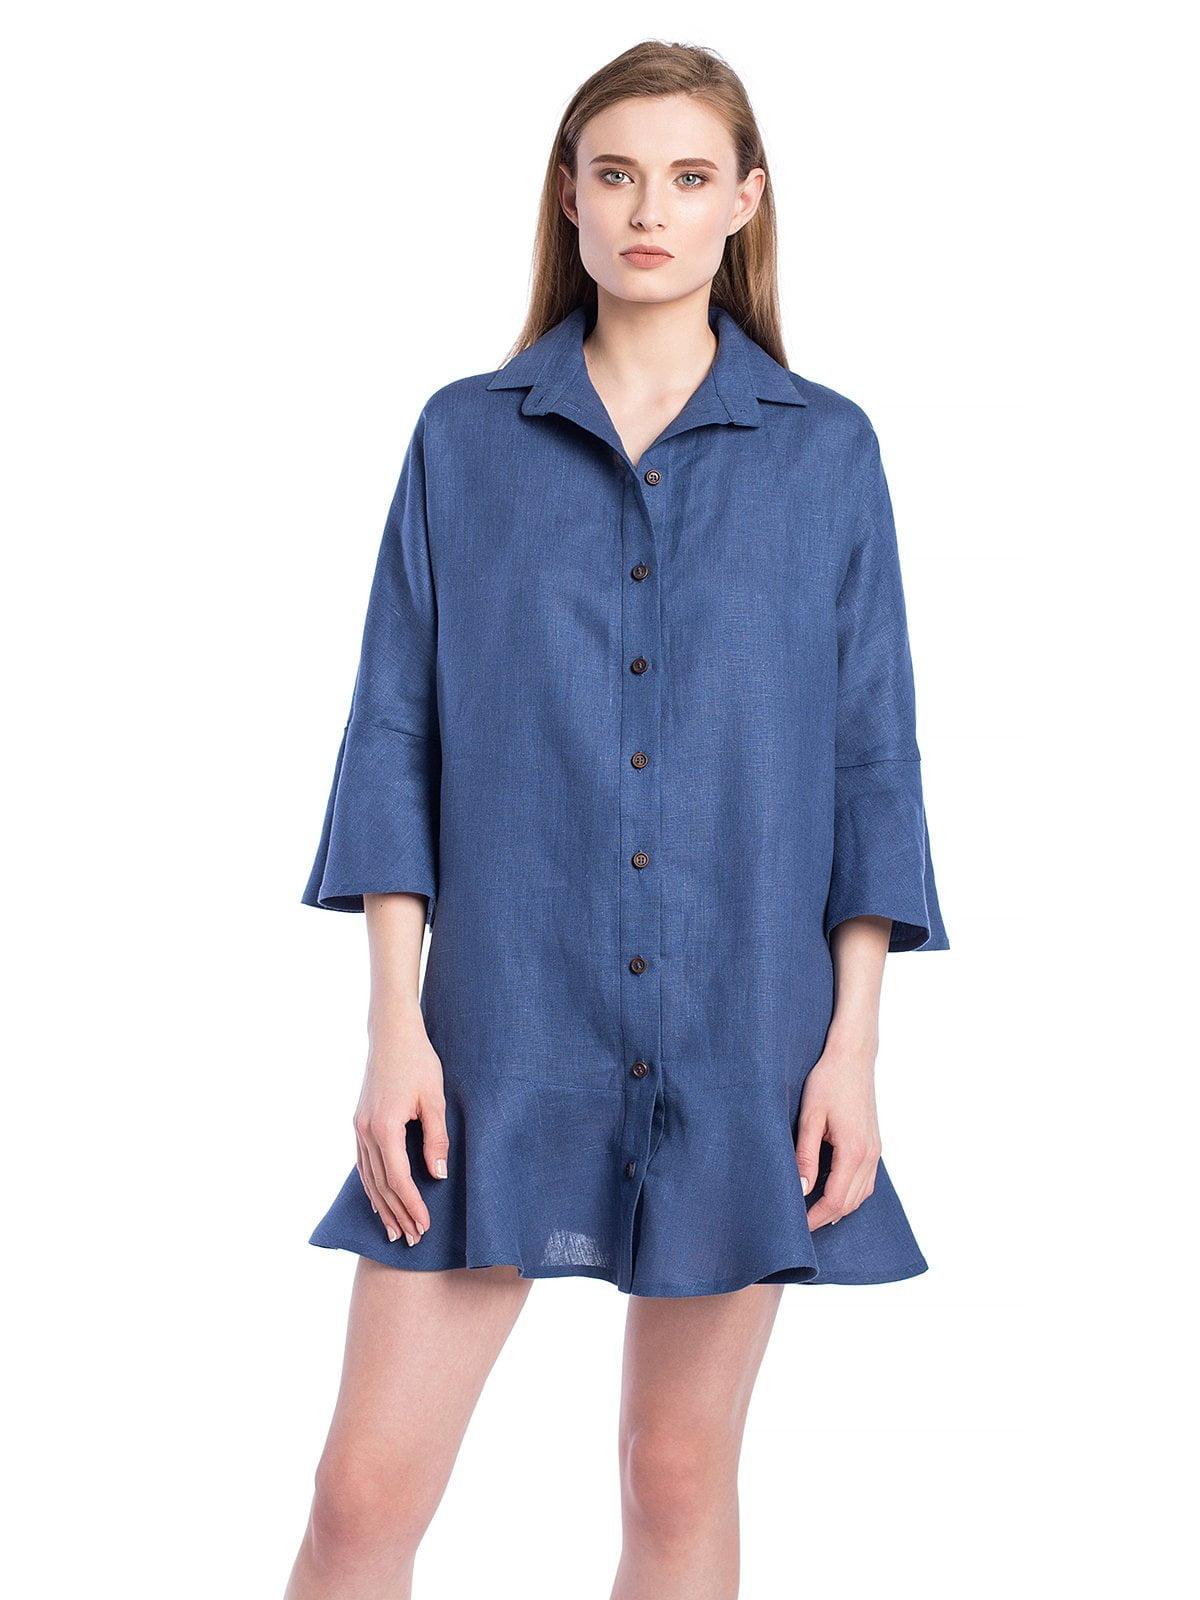 35b8c59d9c8 Синее льняное платье-рубашка с расклешенными рукавами EASY9  купить ...